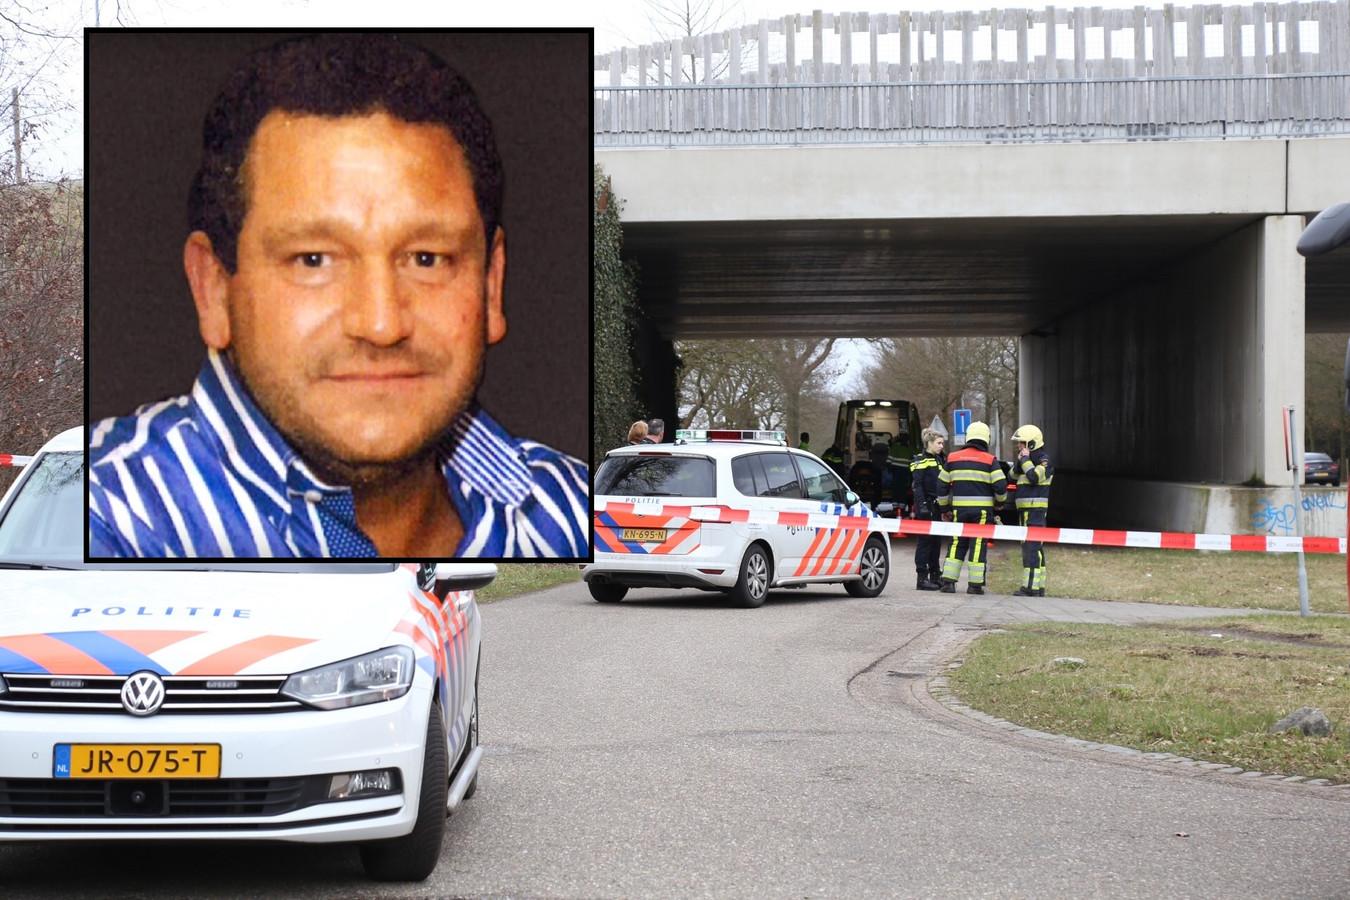 Henk Baum (inzet) en de locatie in Schaijk waar hij werd vermoord.